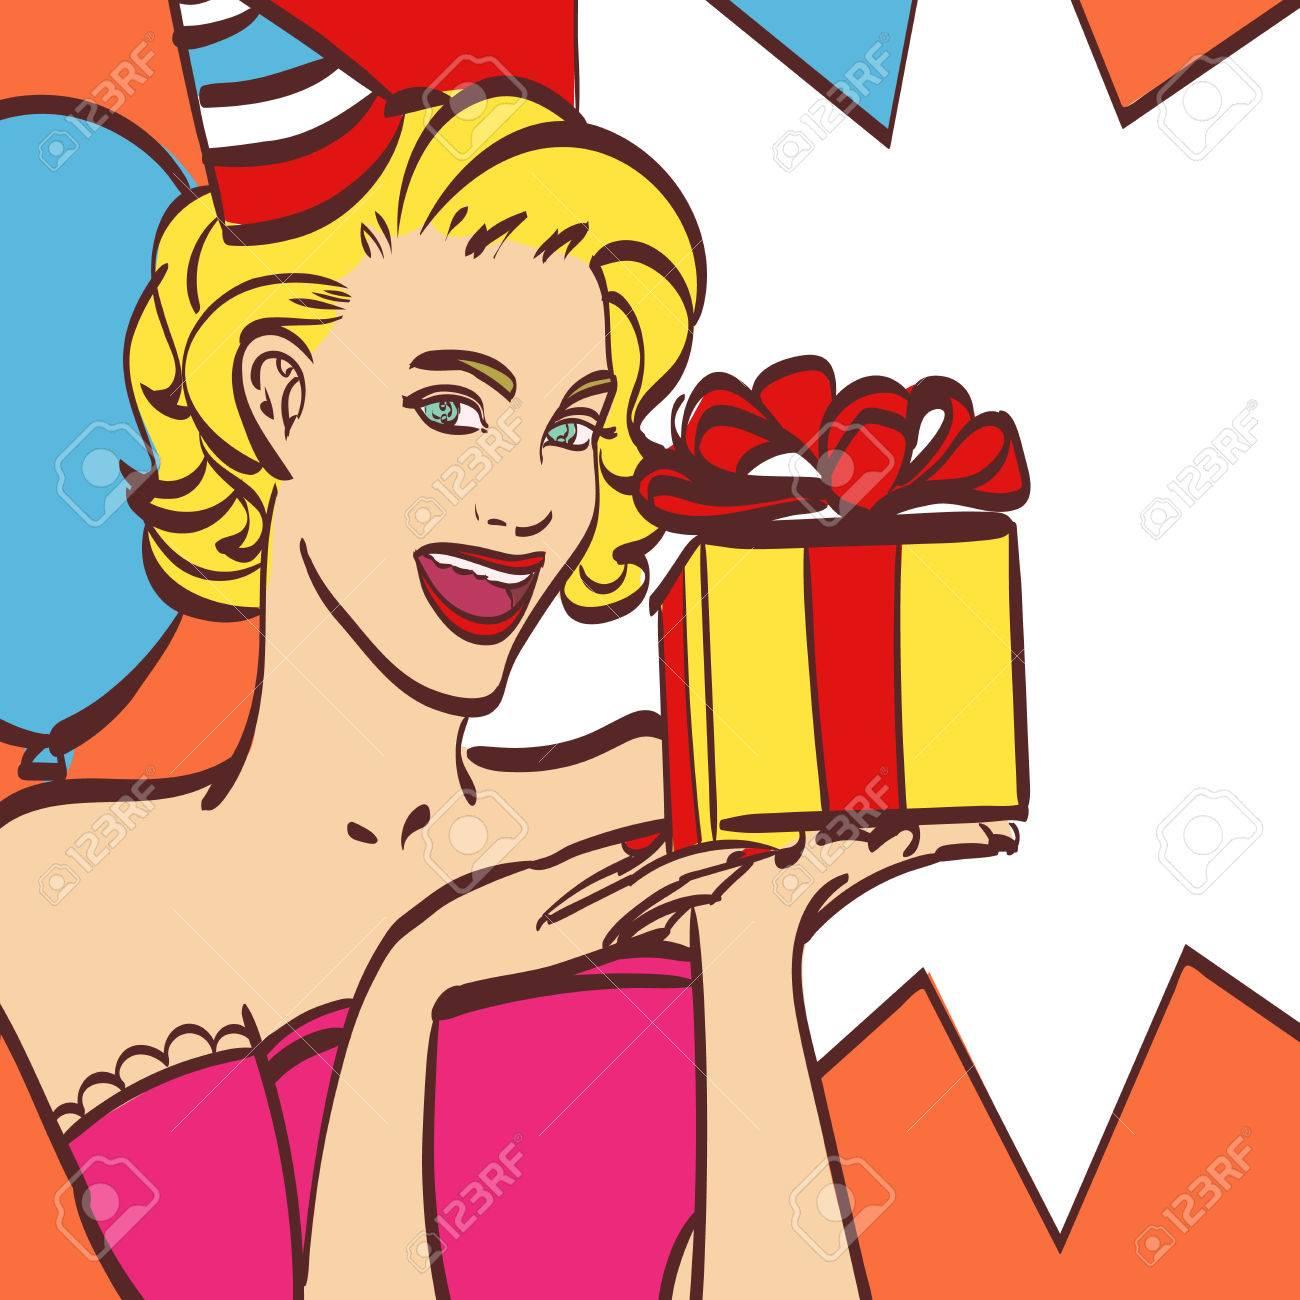 fille de pop art avec bulle de pensee invitation a une fete carte d anniversaire hollywood star de cinema femme comique dame sexy vente remise